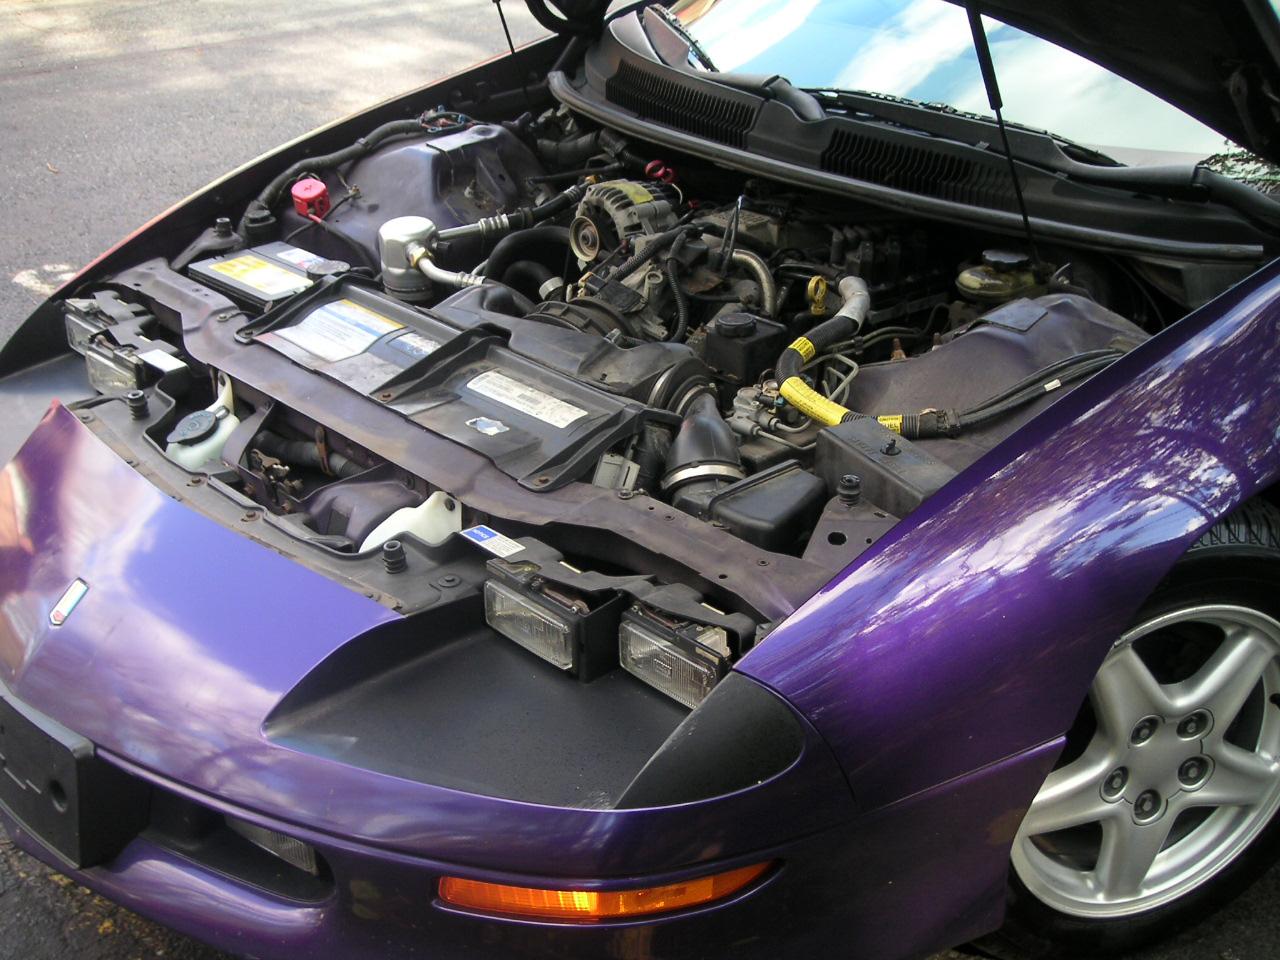 hight resolution of 97 camaro rs engine diagram wiring schematic diagram97 camaro rs engine diagram wiring diagram 93 camaro